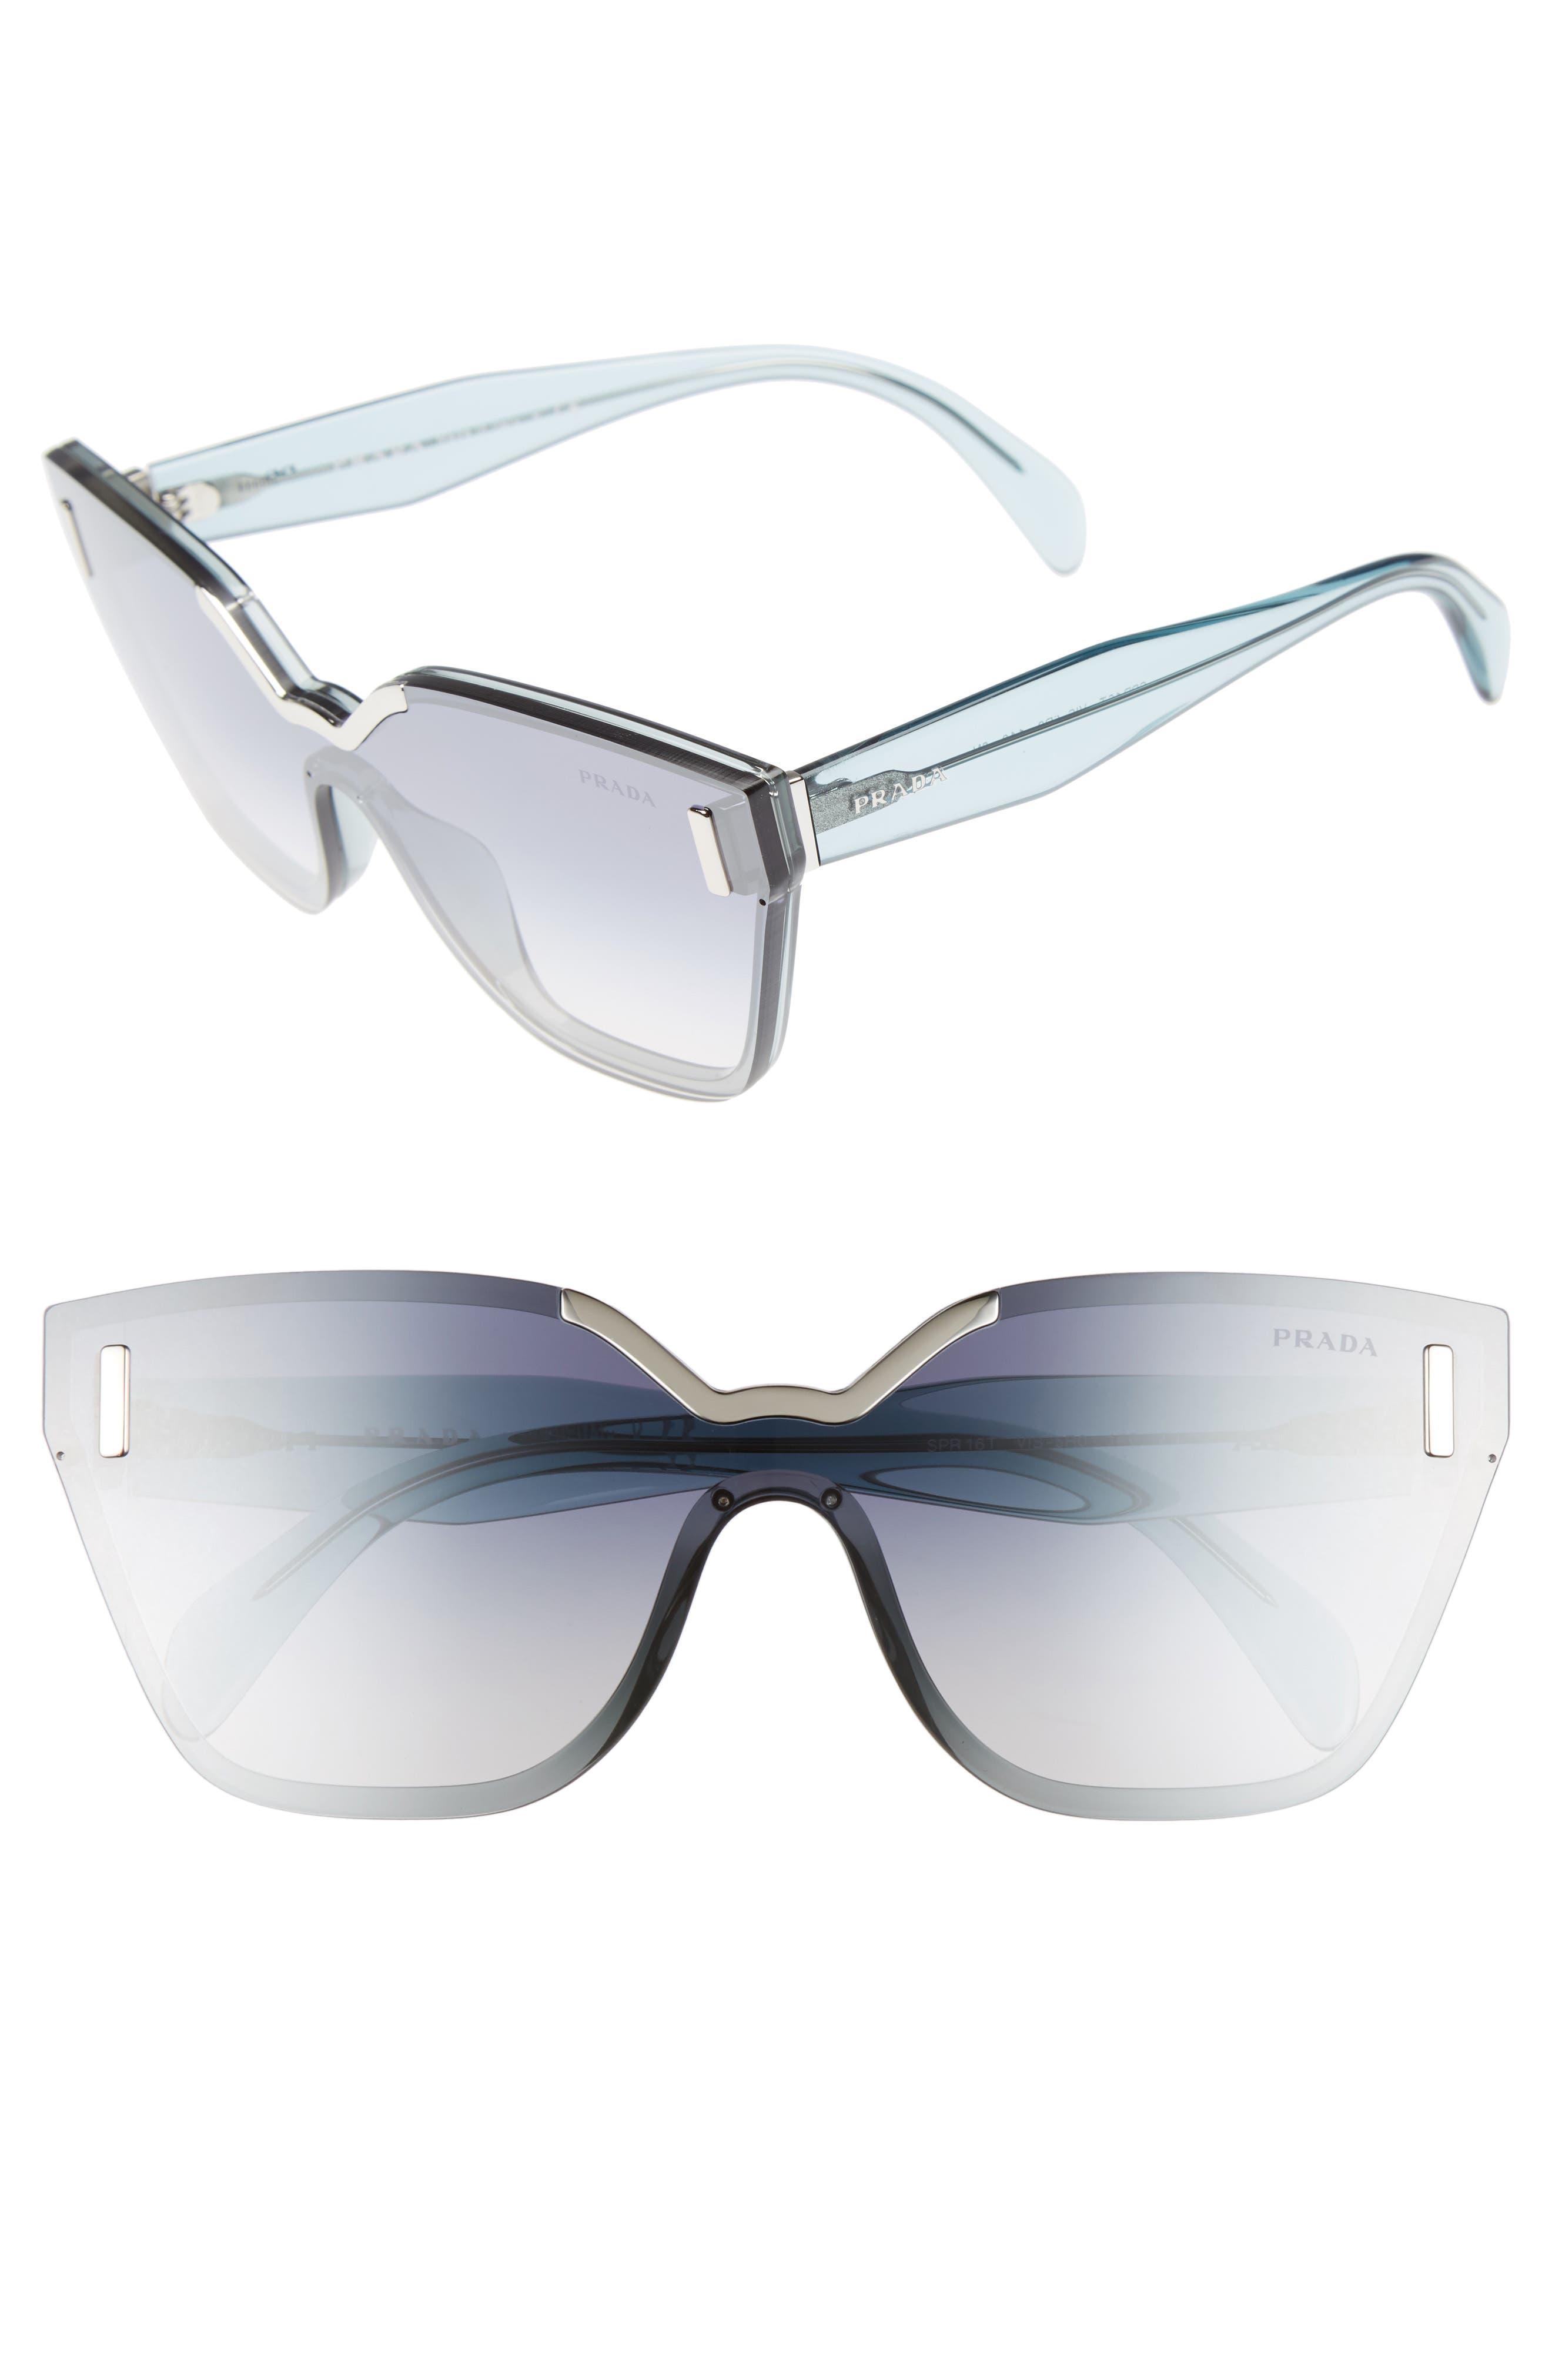 Main Image - Prada 61mm Mirrored Shield Sunglasses